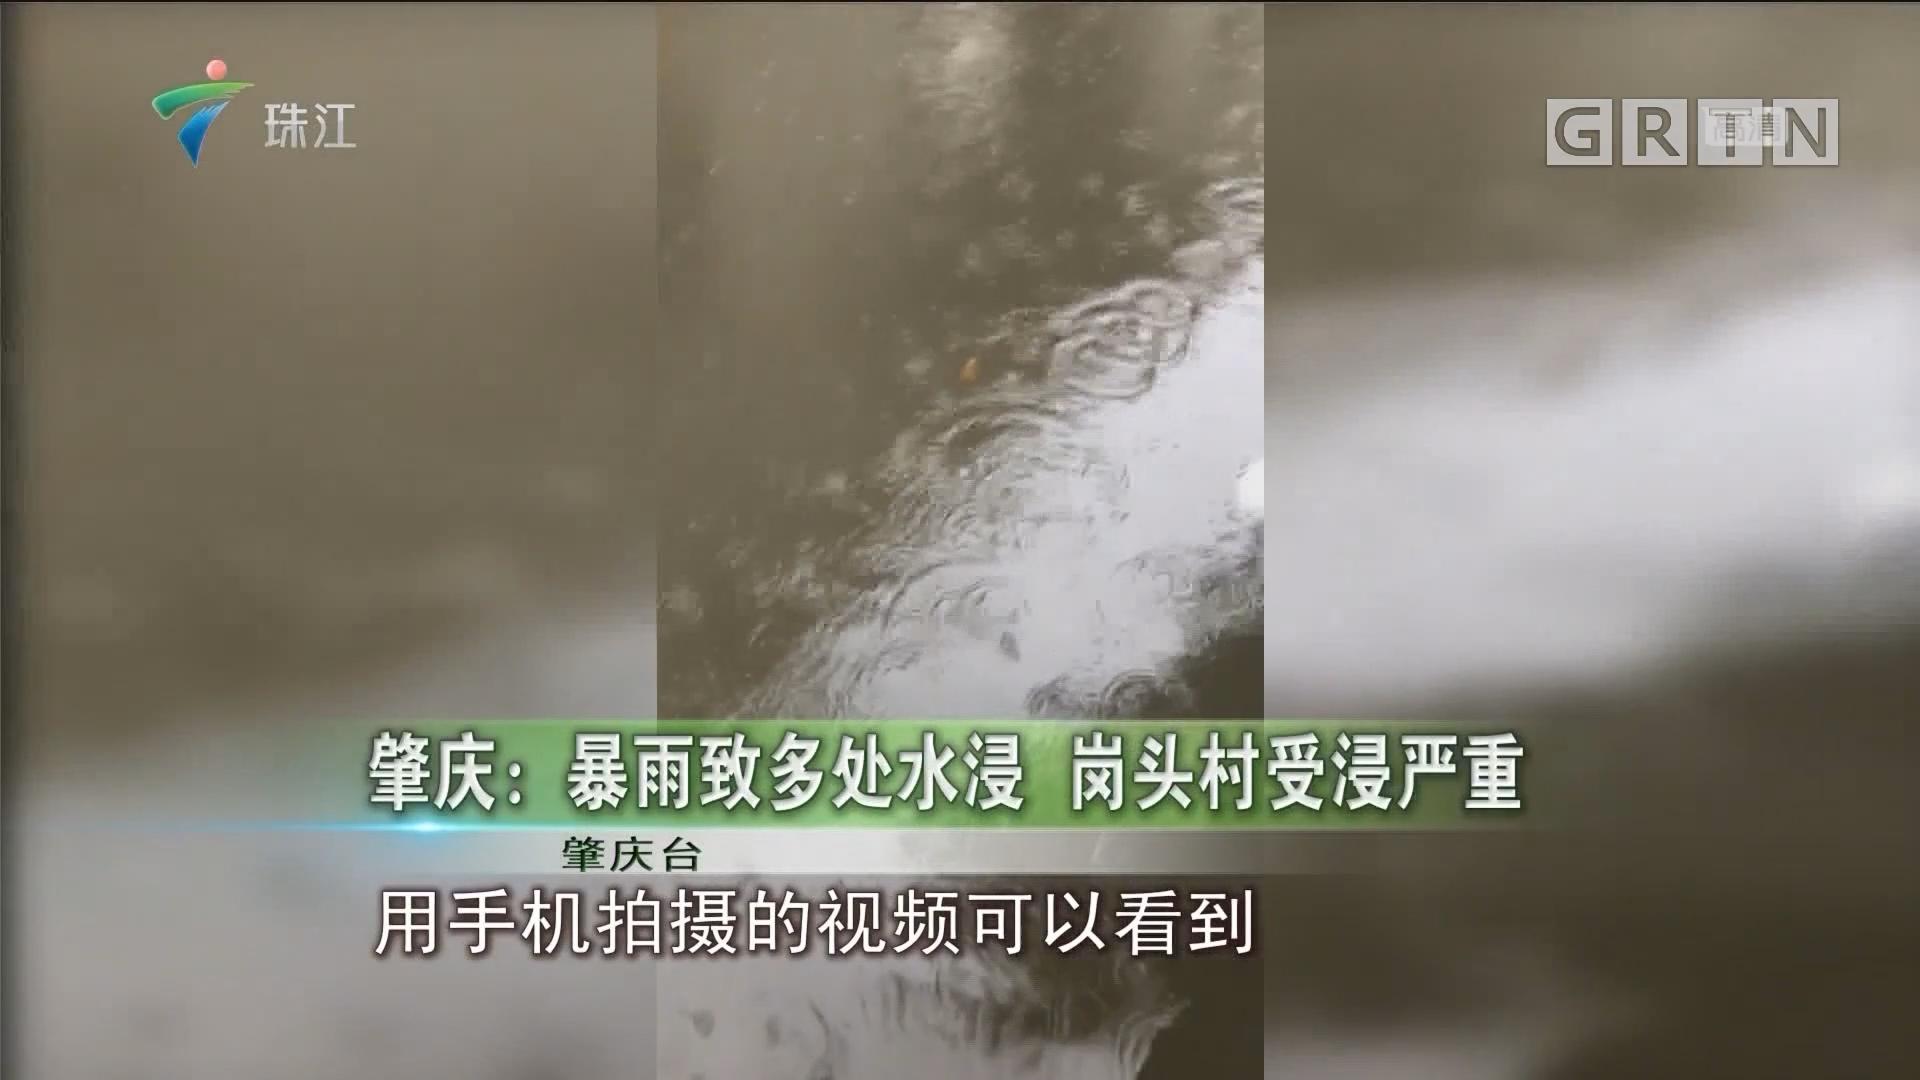 肇庆:暴雨致多处水浸 岗头村受浸严重